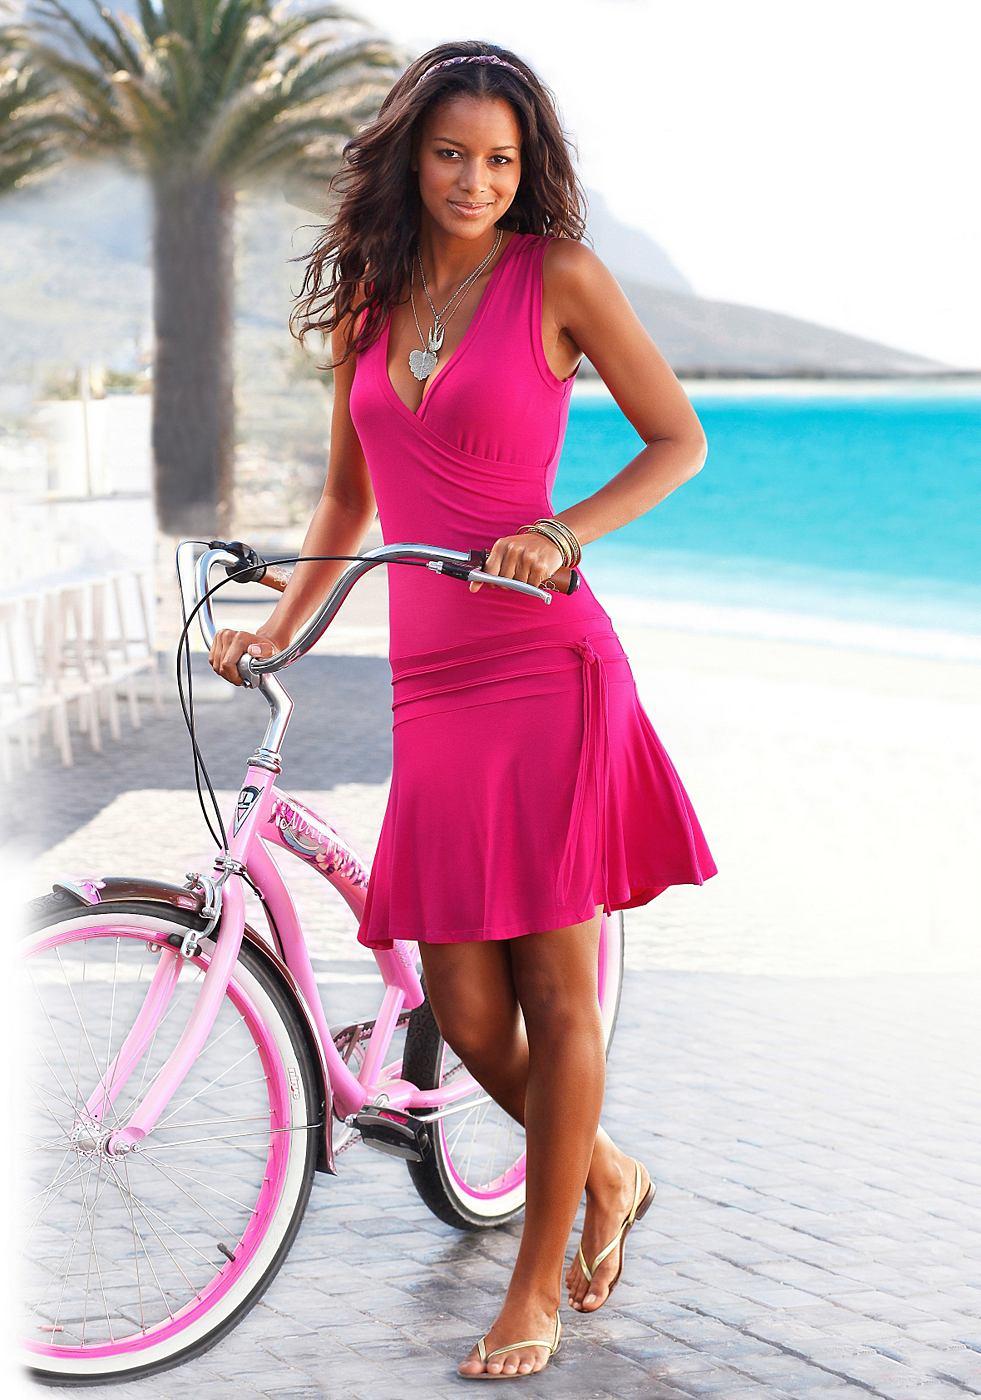 Beachtime Strandjurk in wikkel-look roze